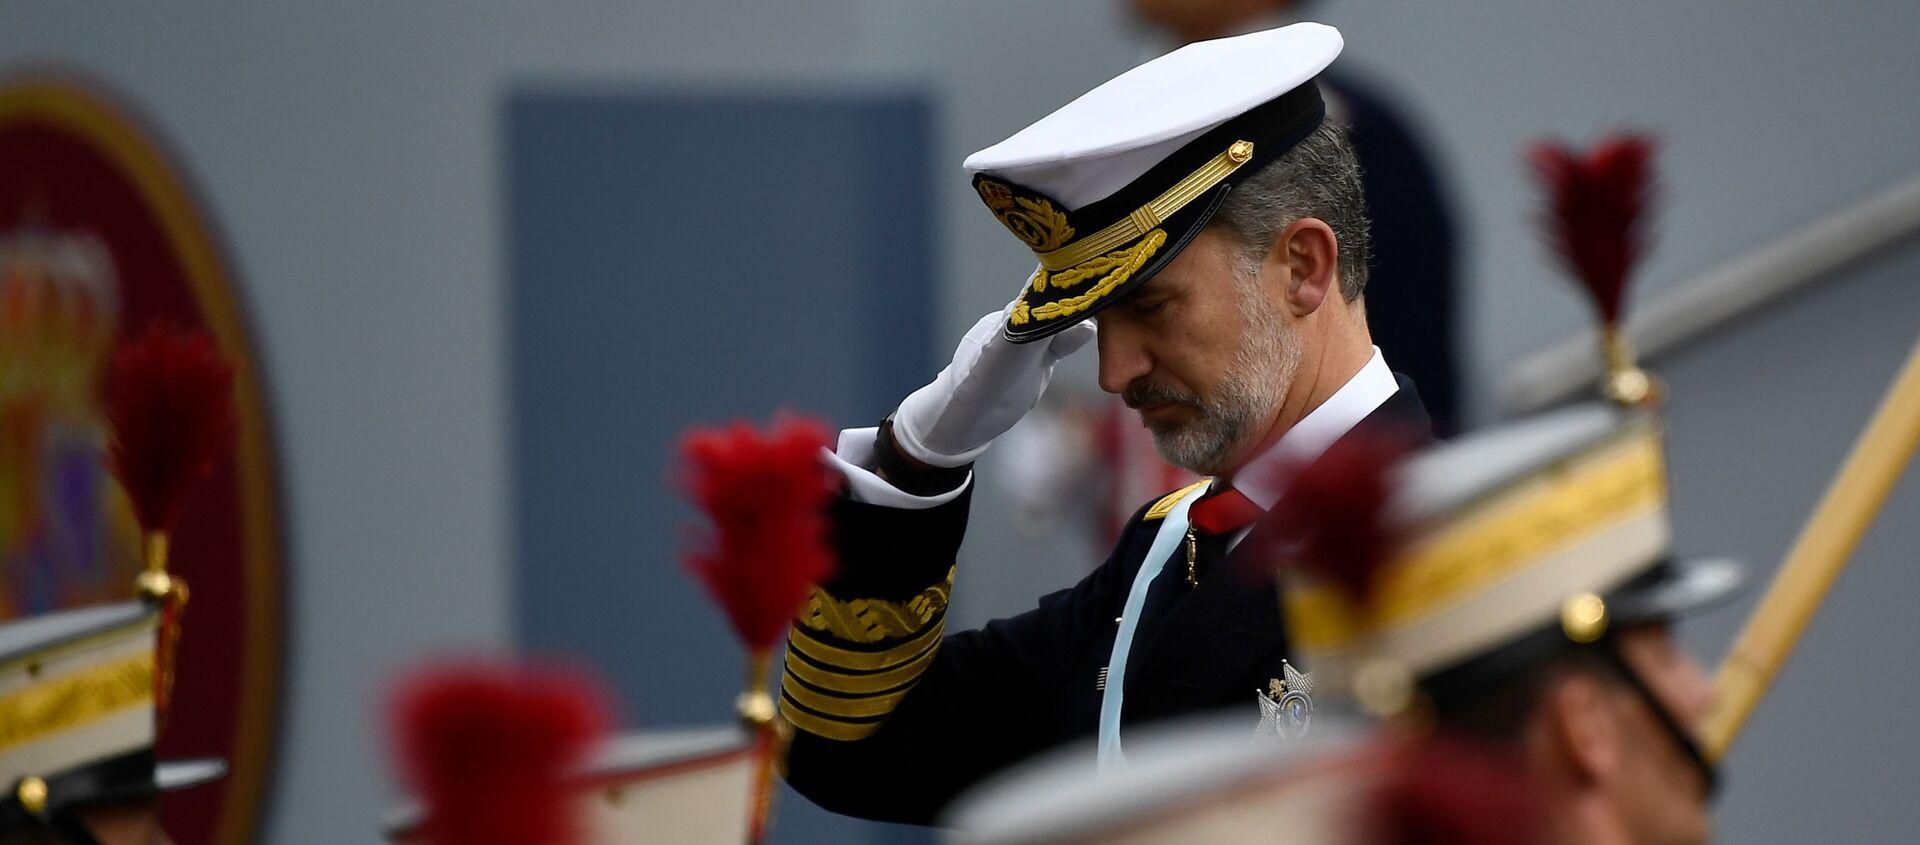 Rey Felipe VI durante el desfile militar del Día Nacional de España. 12 de octubre de 2019 - Sputnik Mundo, 1920, 12.10.2020